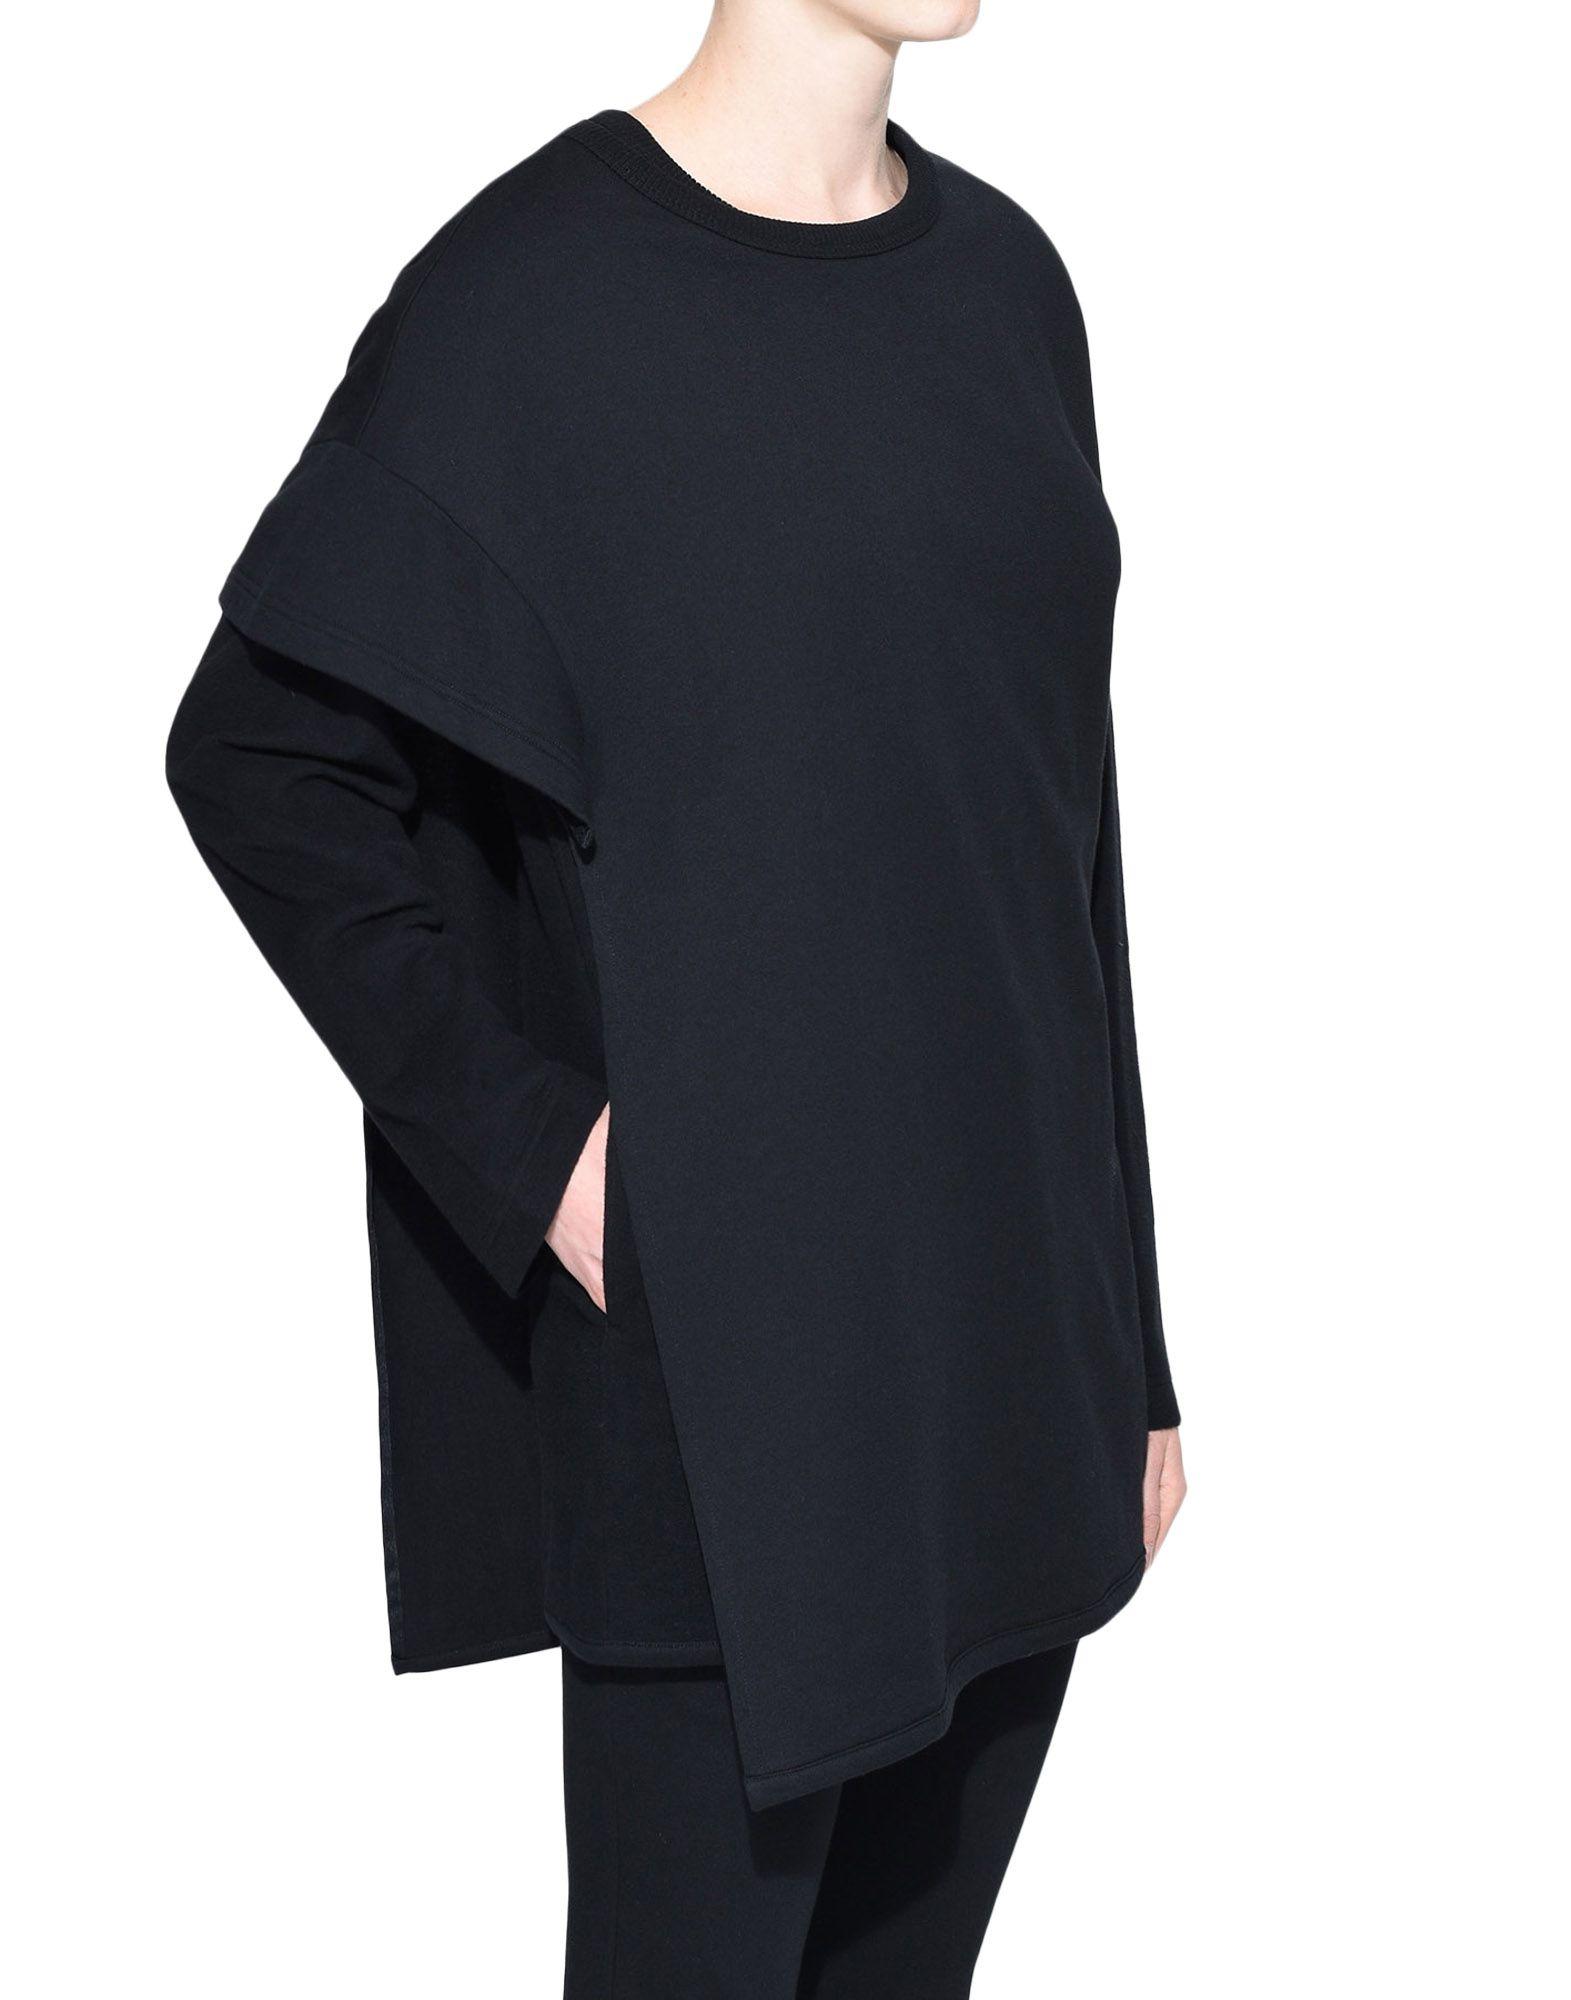 Y-3 Y-3 Two-Layer Fleece Sweater Sweatshirt Woman e